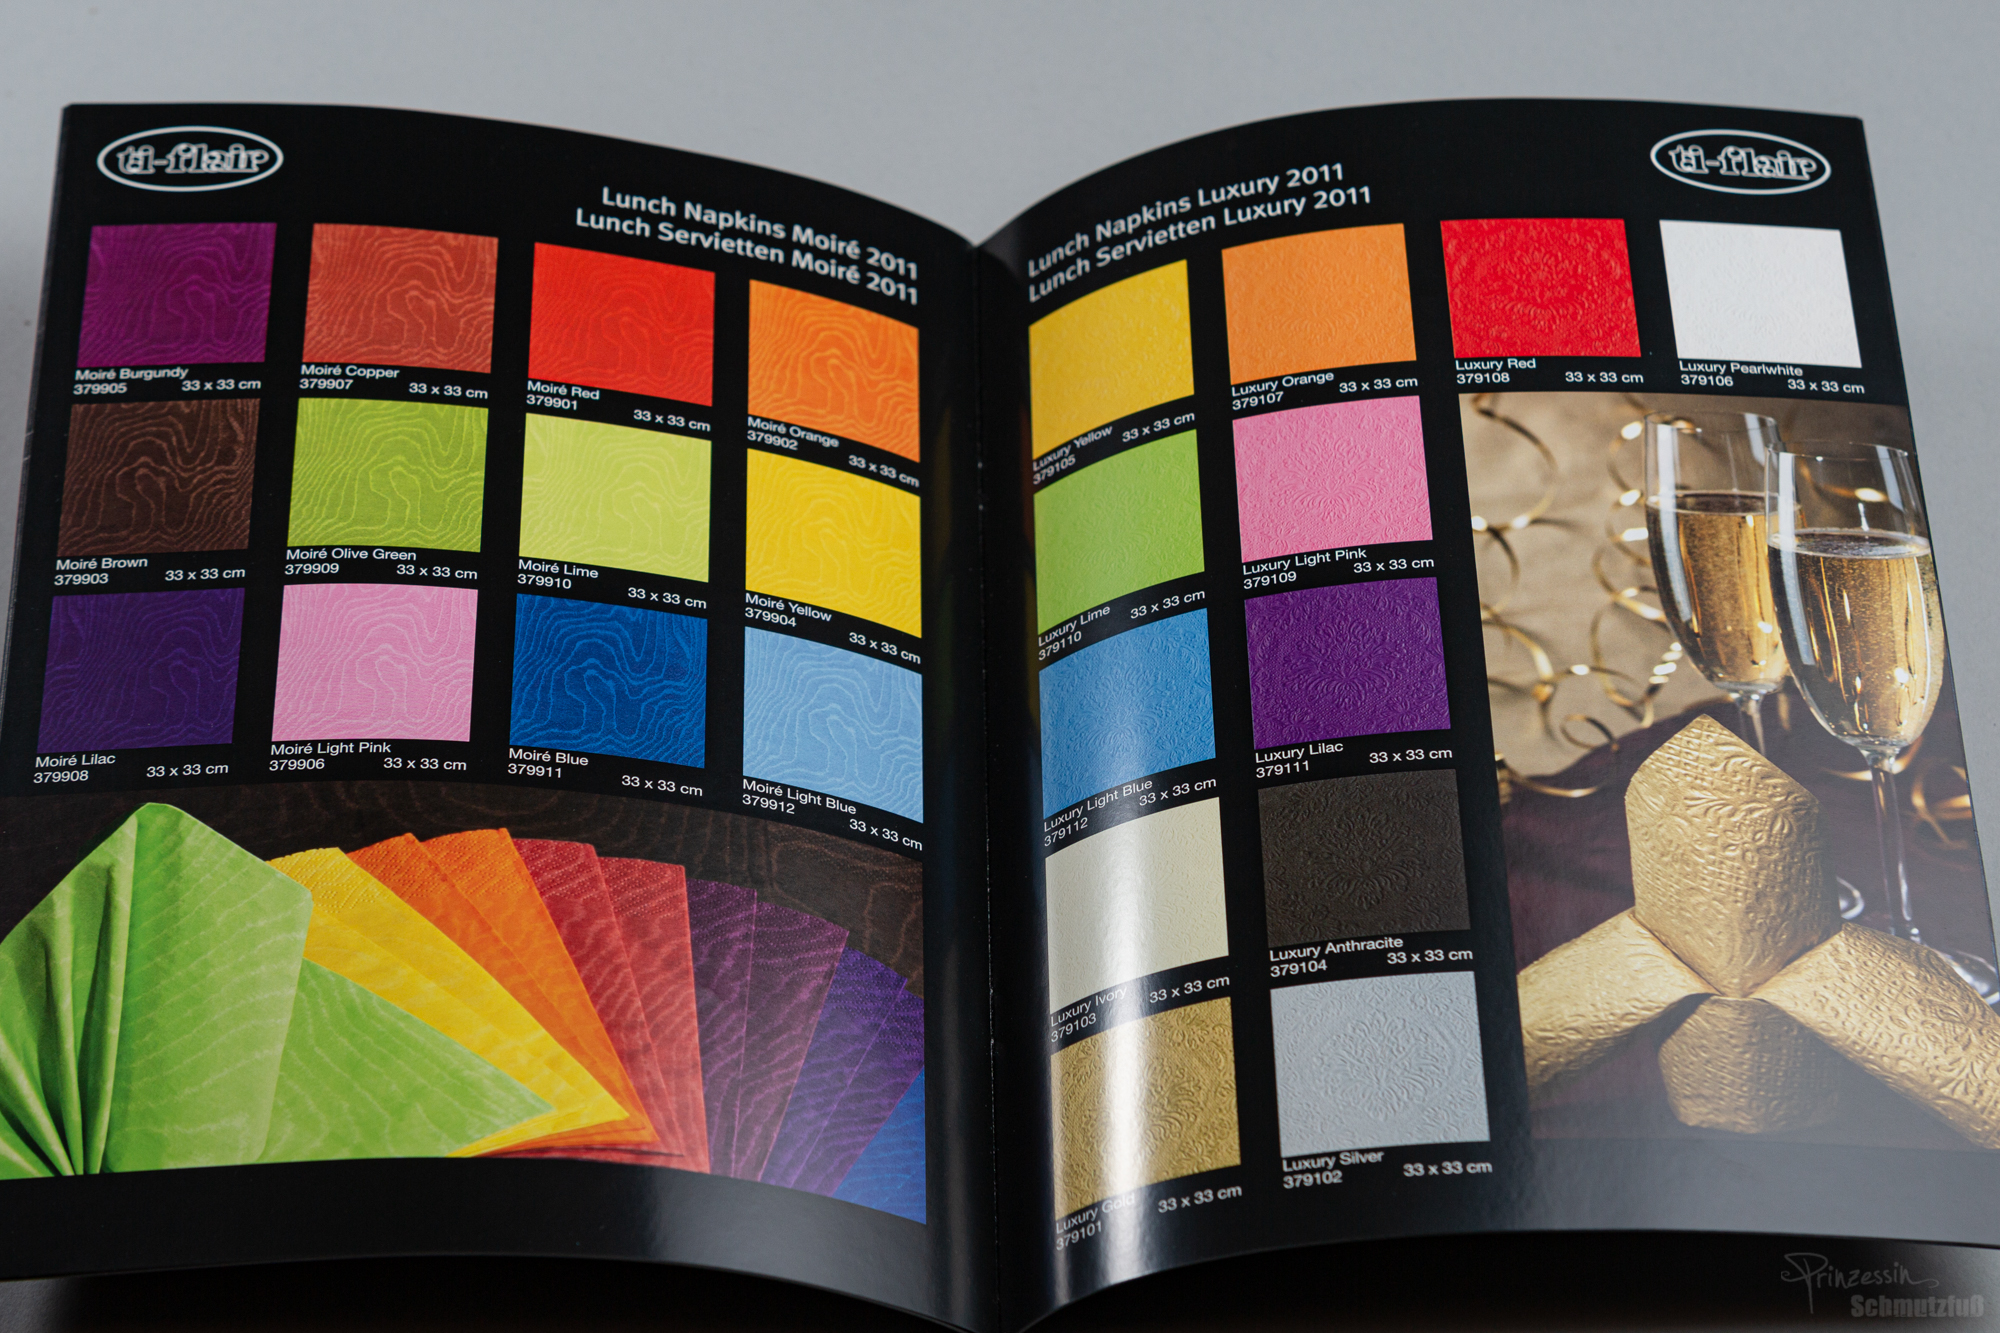 Textkorrektur nach Vorgabe in vorhandenem Design | Fotografie Stils | Farbgenaue Fotografie der Servietten | Anstellung bei da vinci design